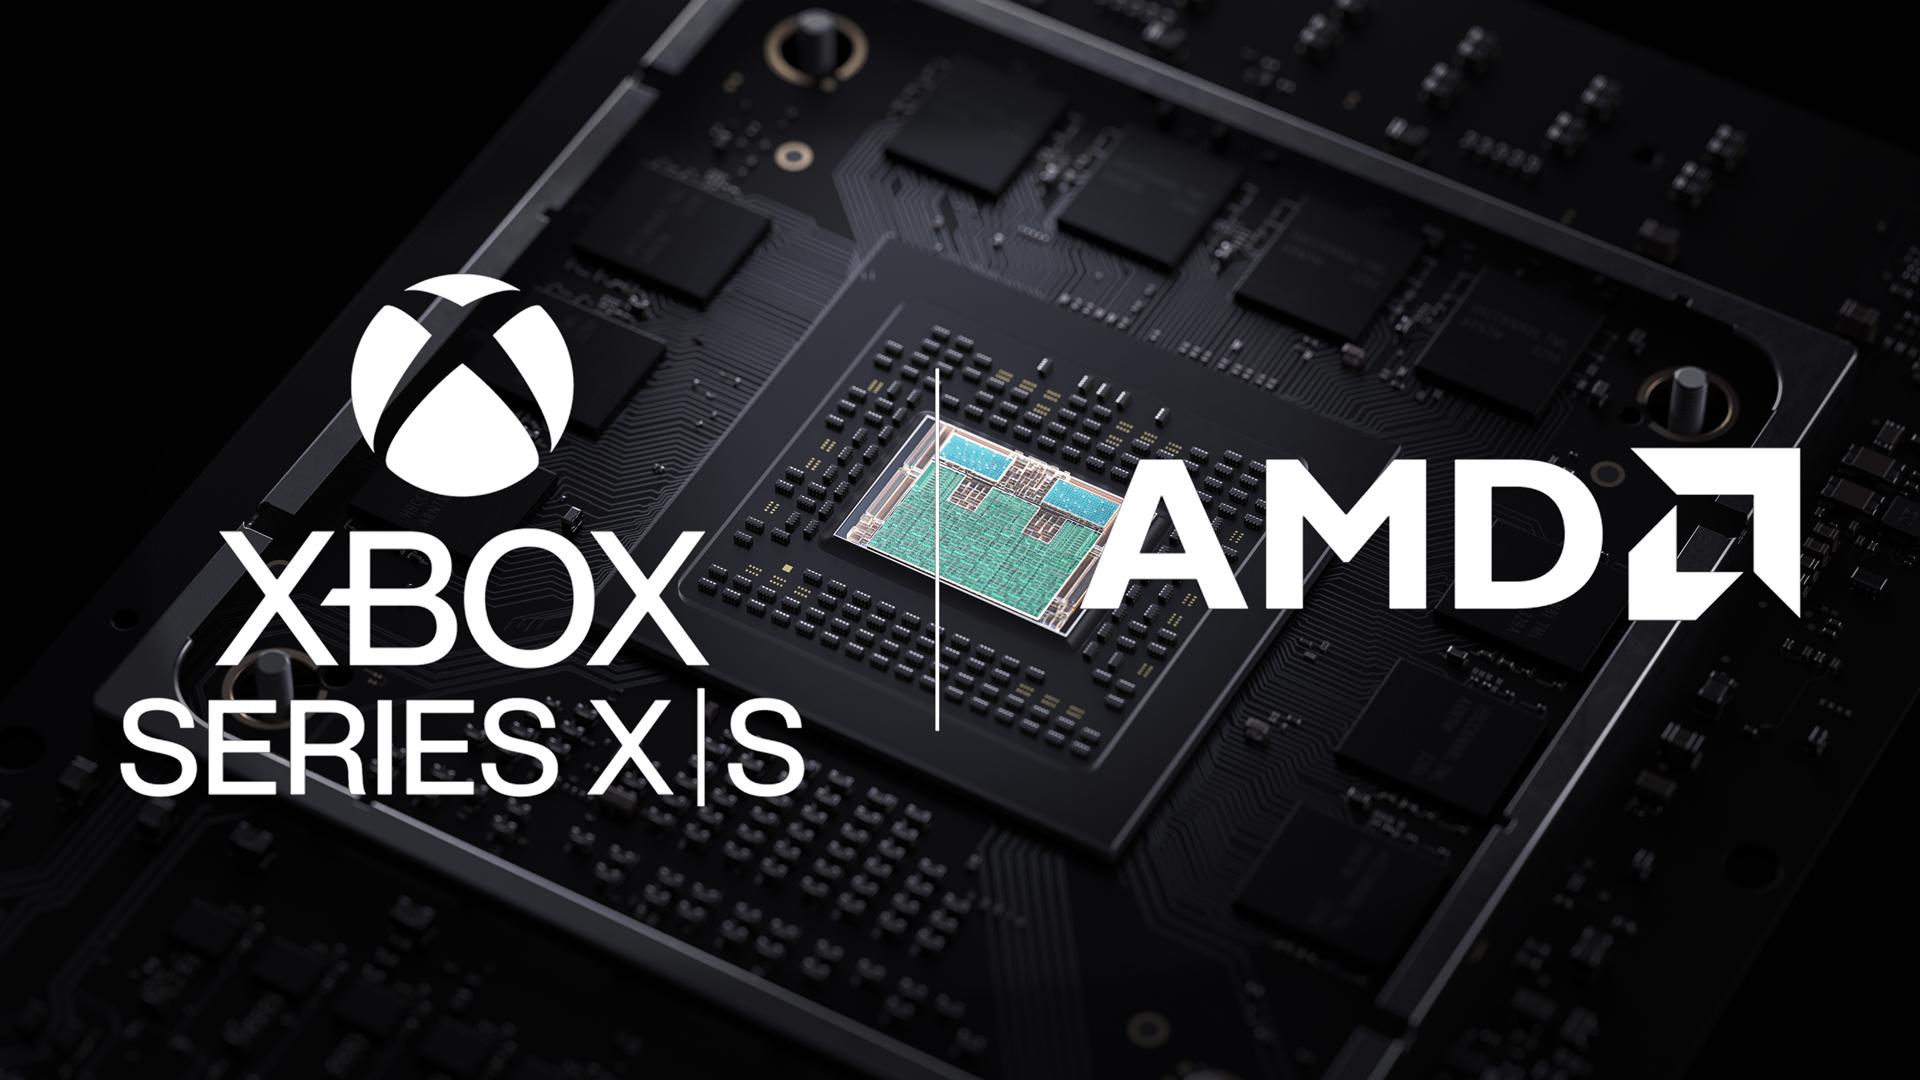 Microsoft avisa: La escasez de consolas Xbox Series X|S durará hasta Abril de 2021